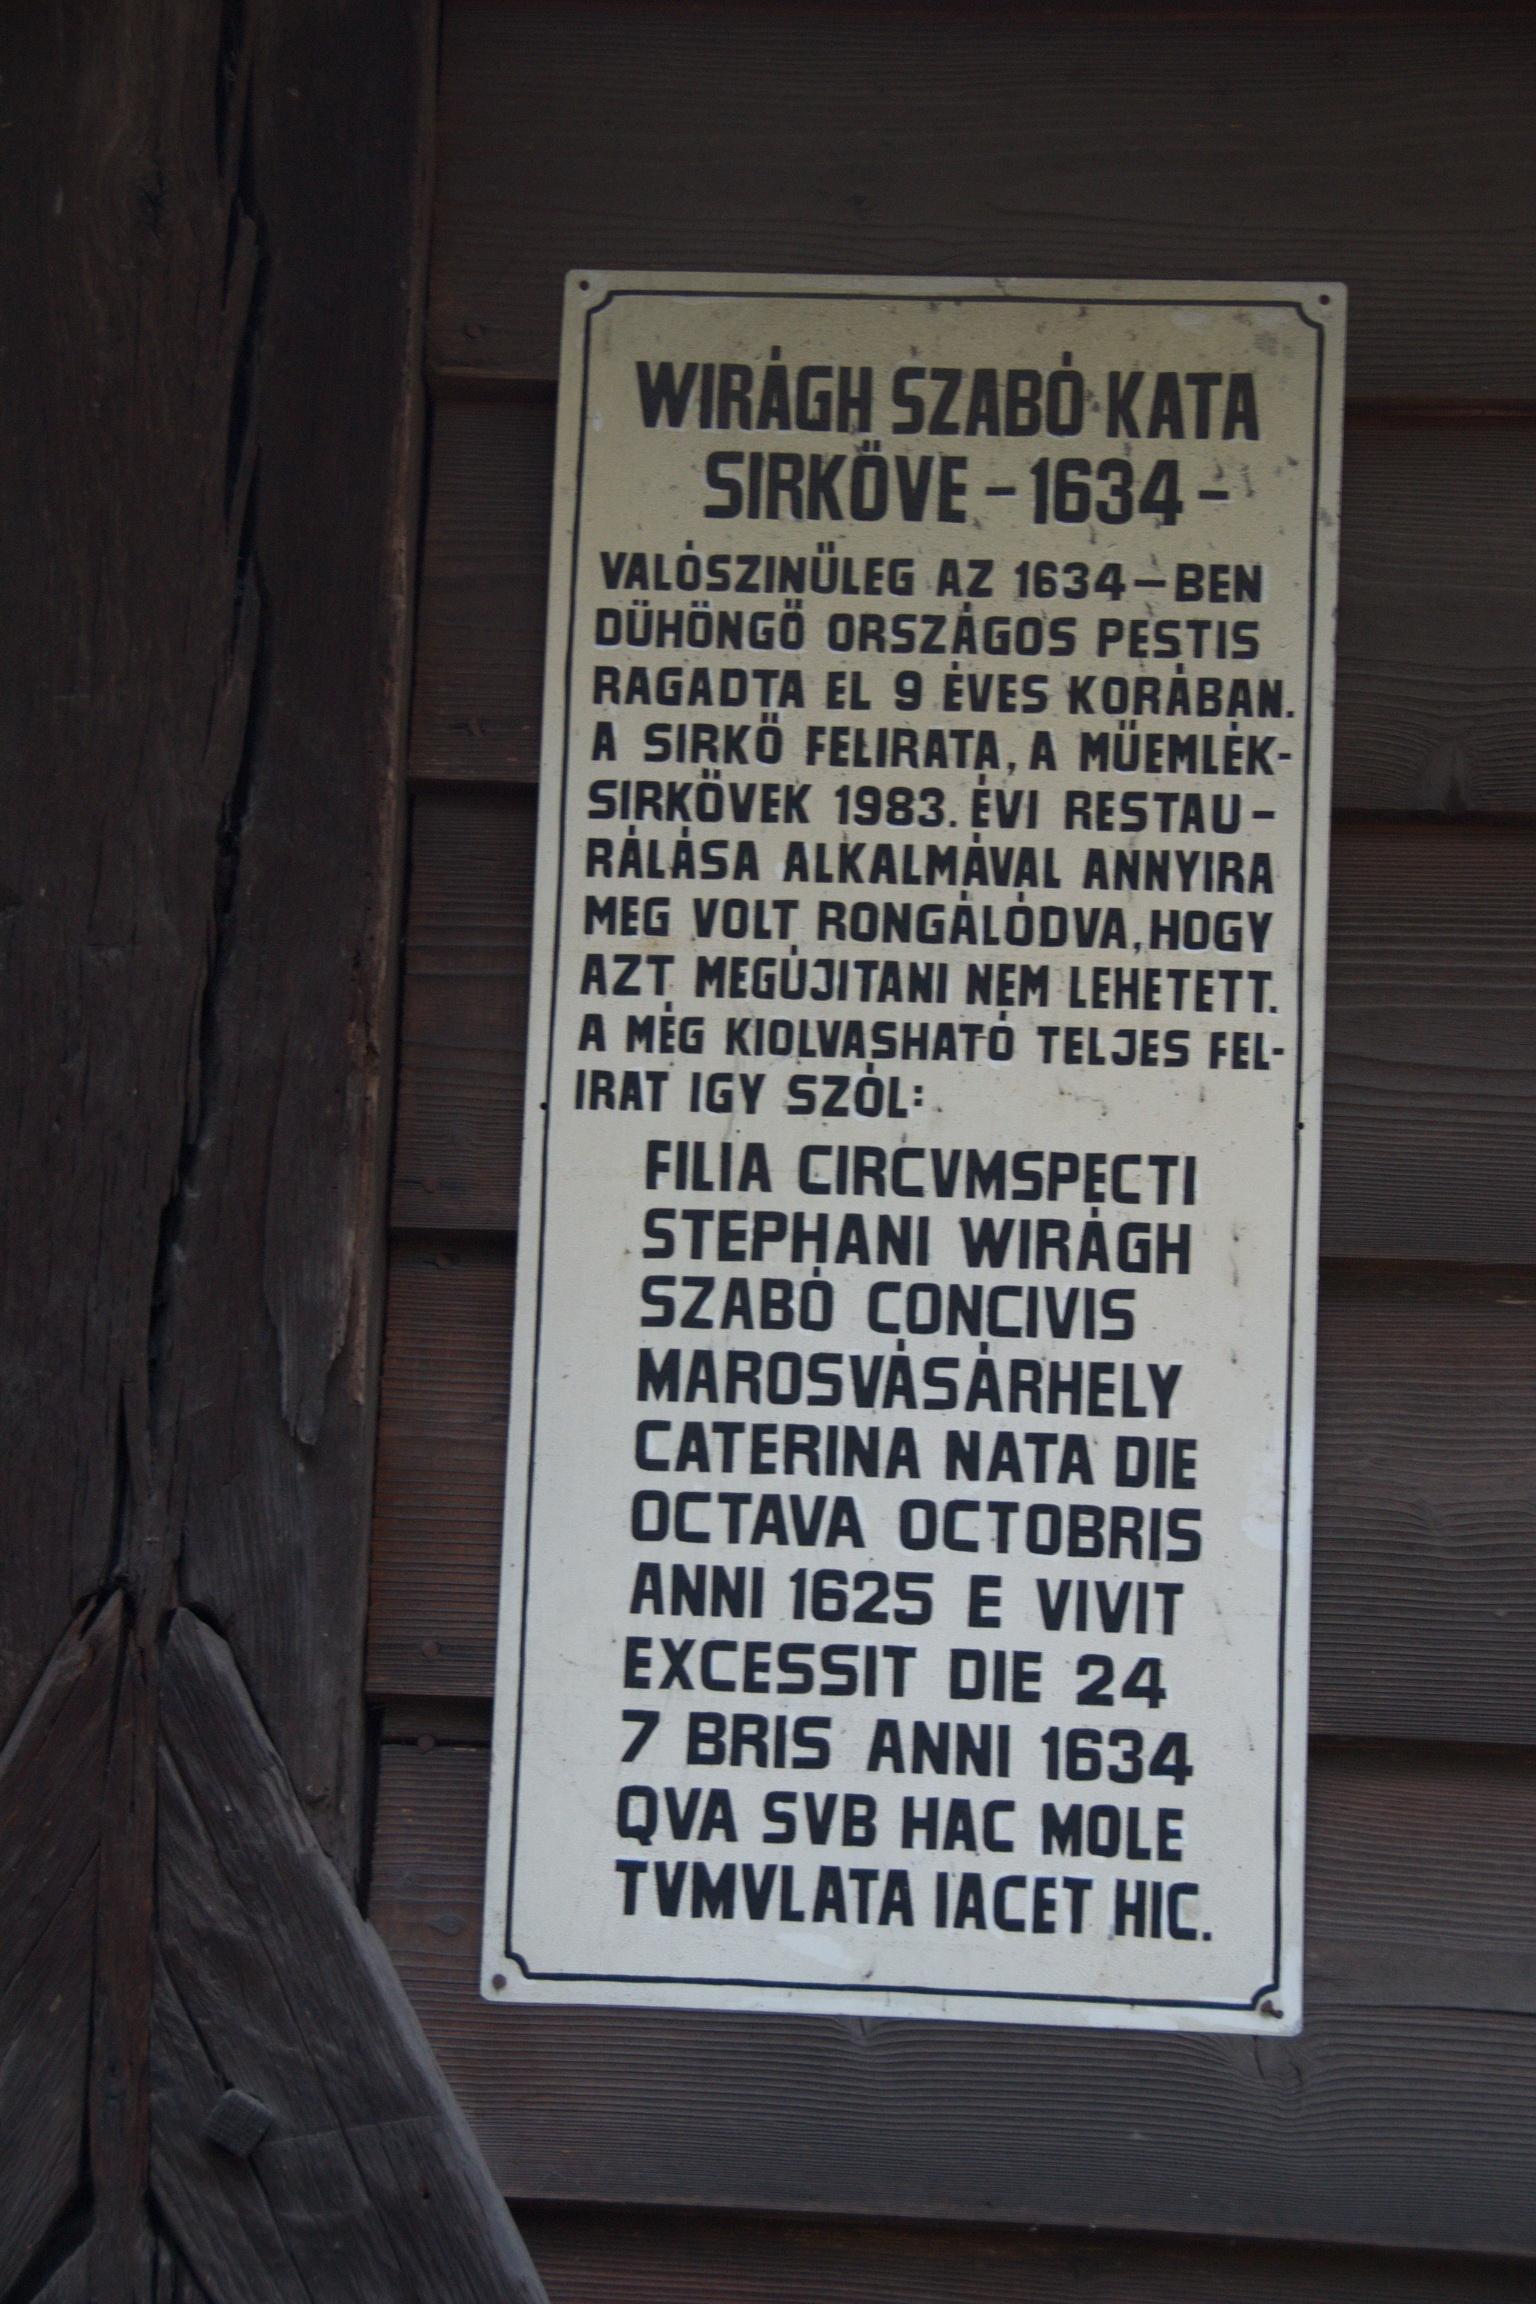 Temeto_Marosvasarhely_2011_07_resize